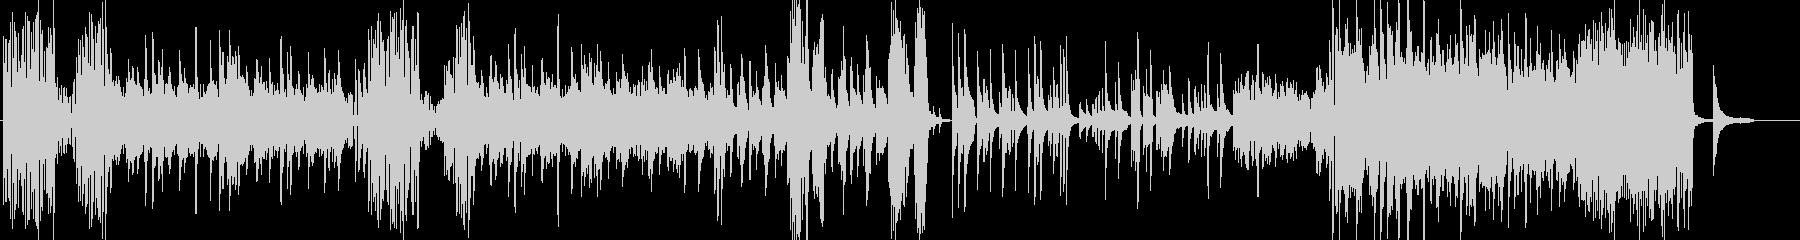 激しく切ないピアノソロ曲の未再生の波形